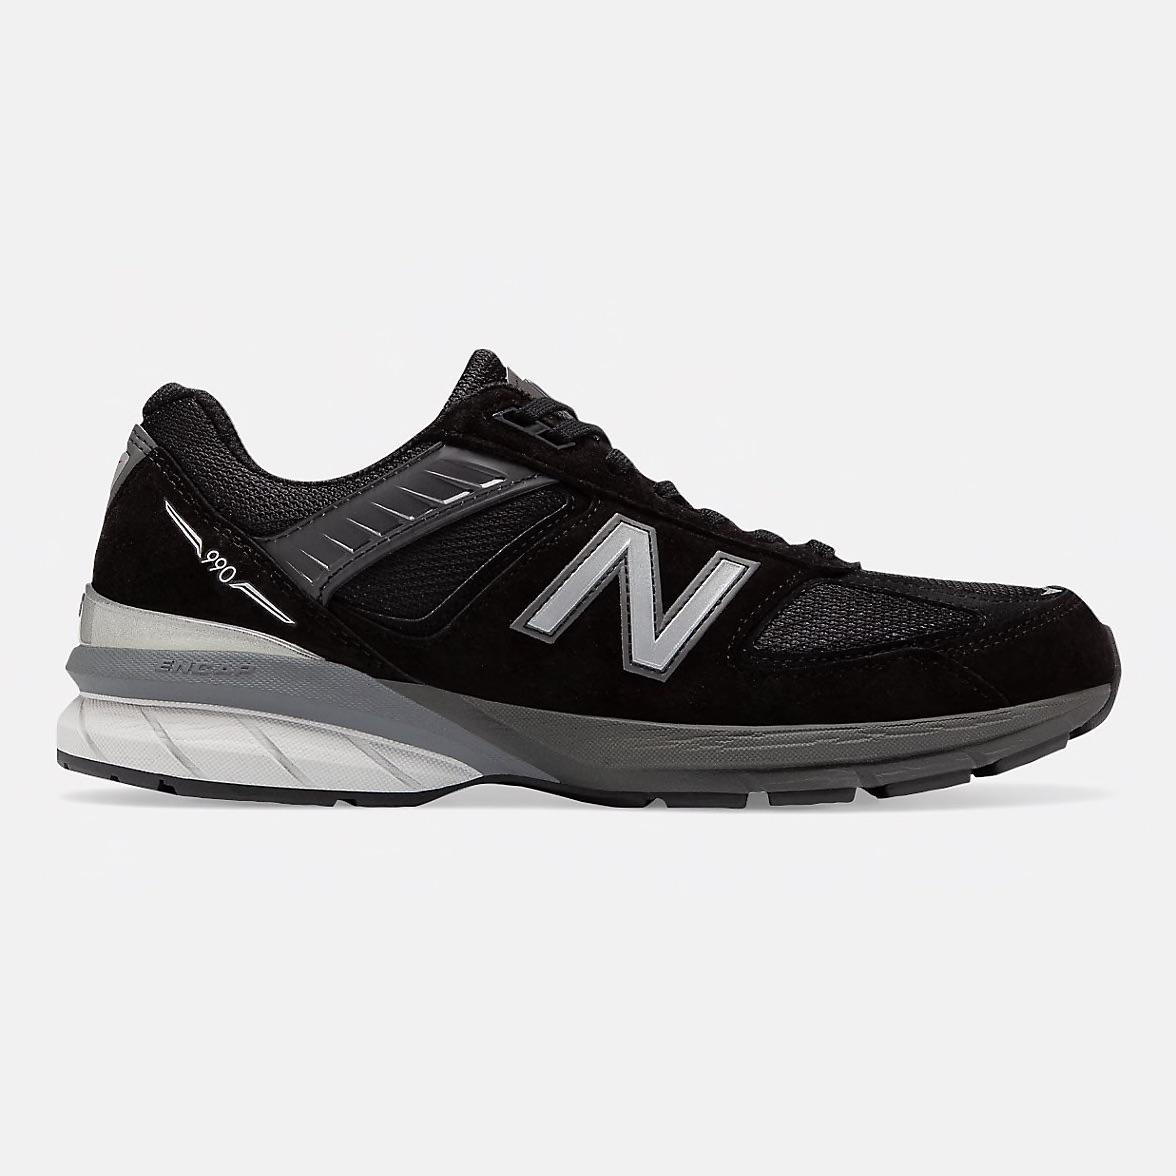 New Balance 990v5 - Men's